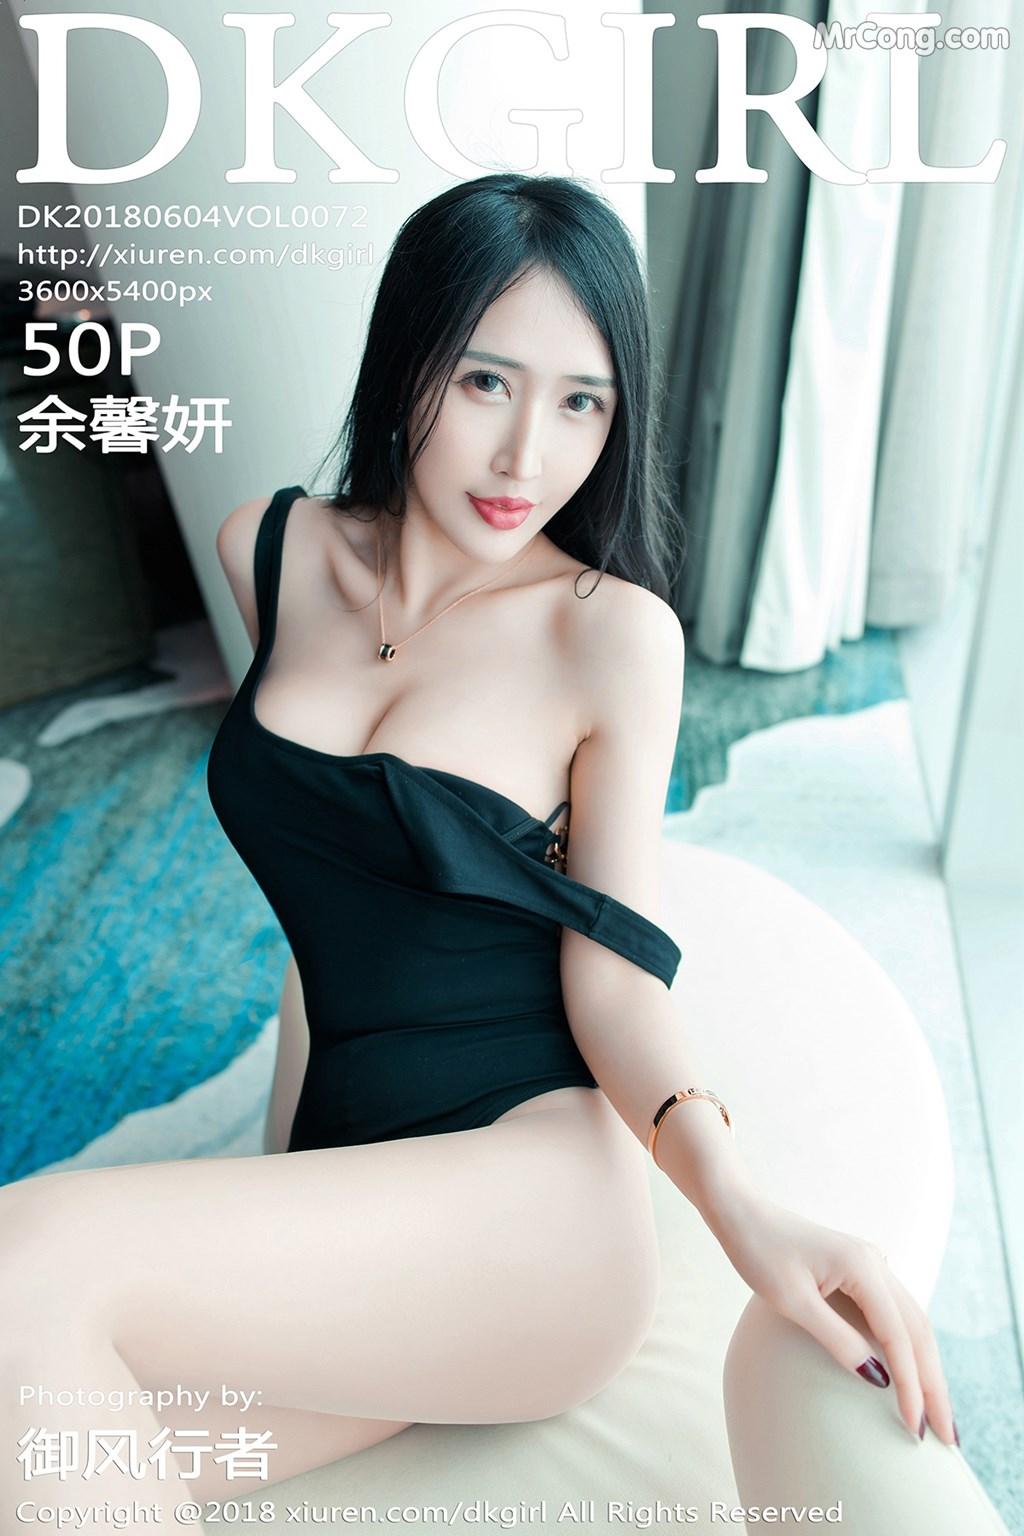 DKGirl Vol.072: Người mẫu Yu Xin Yan (余馨妍) (51 ảnh)